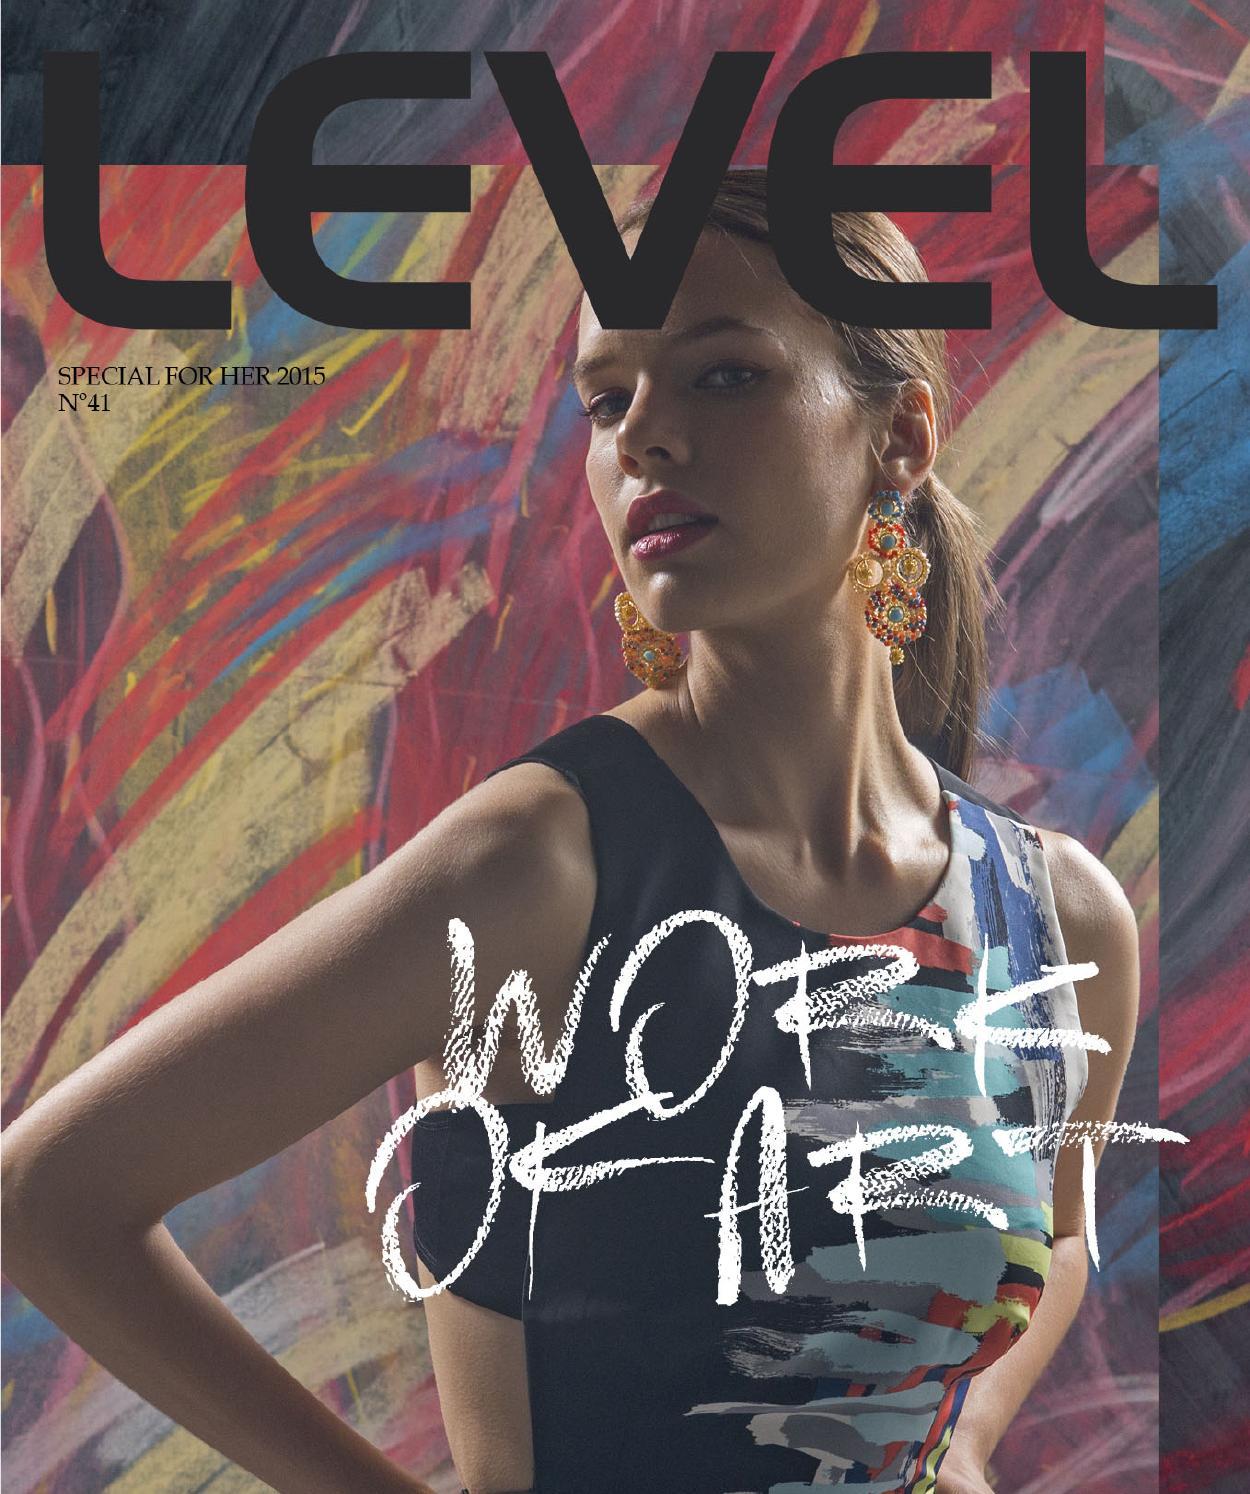 164c007da Level 41  WorkofArt  SpecialforHer by Revista Level - issuu